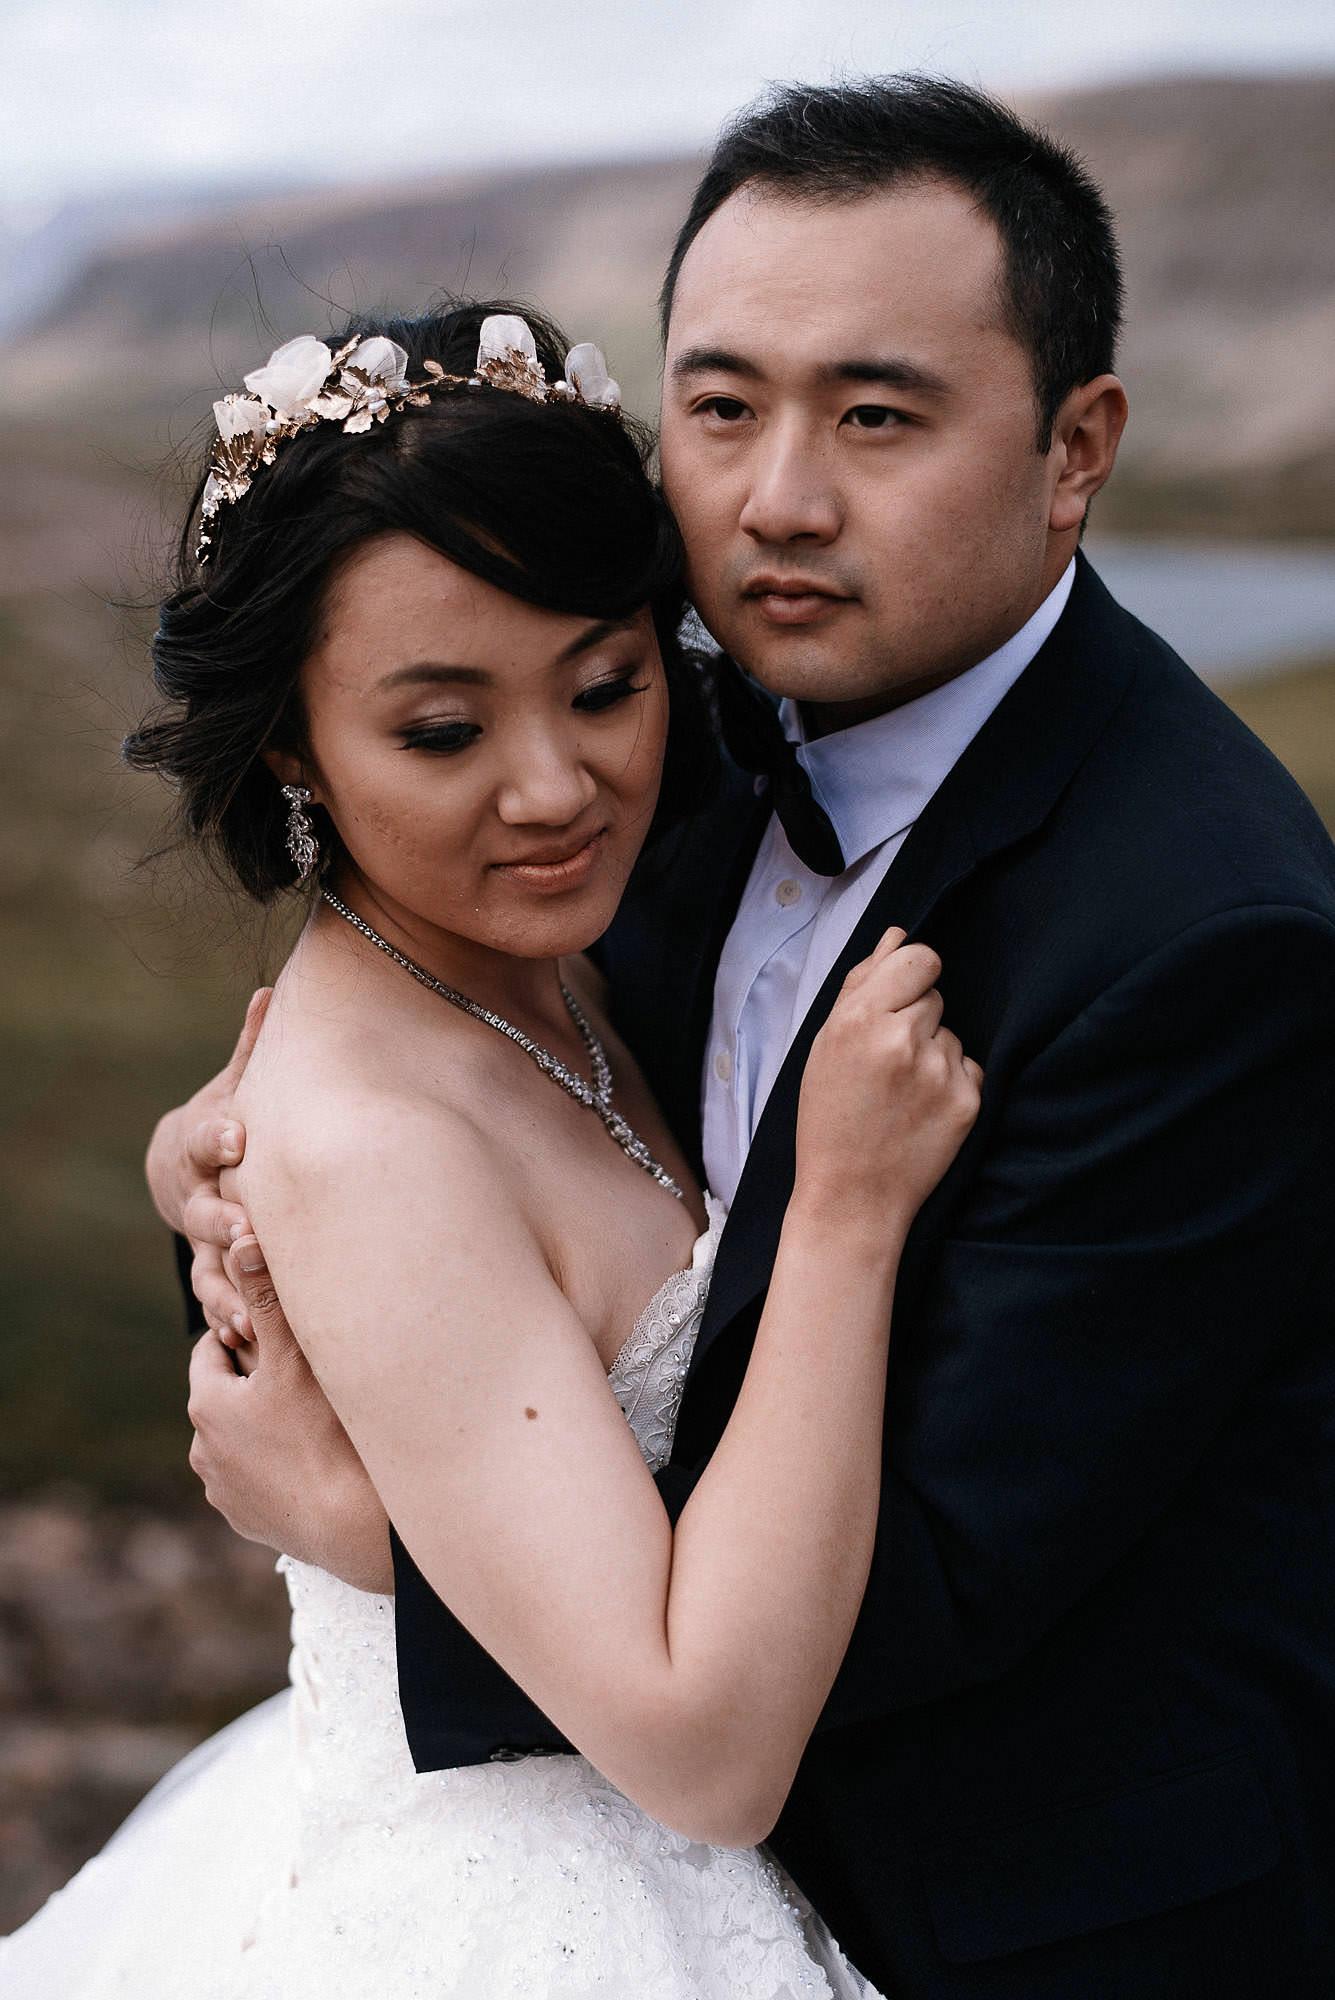 iceland-wedding-photographer_jere-satamo_photography-reykjavik-041.jpg